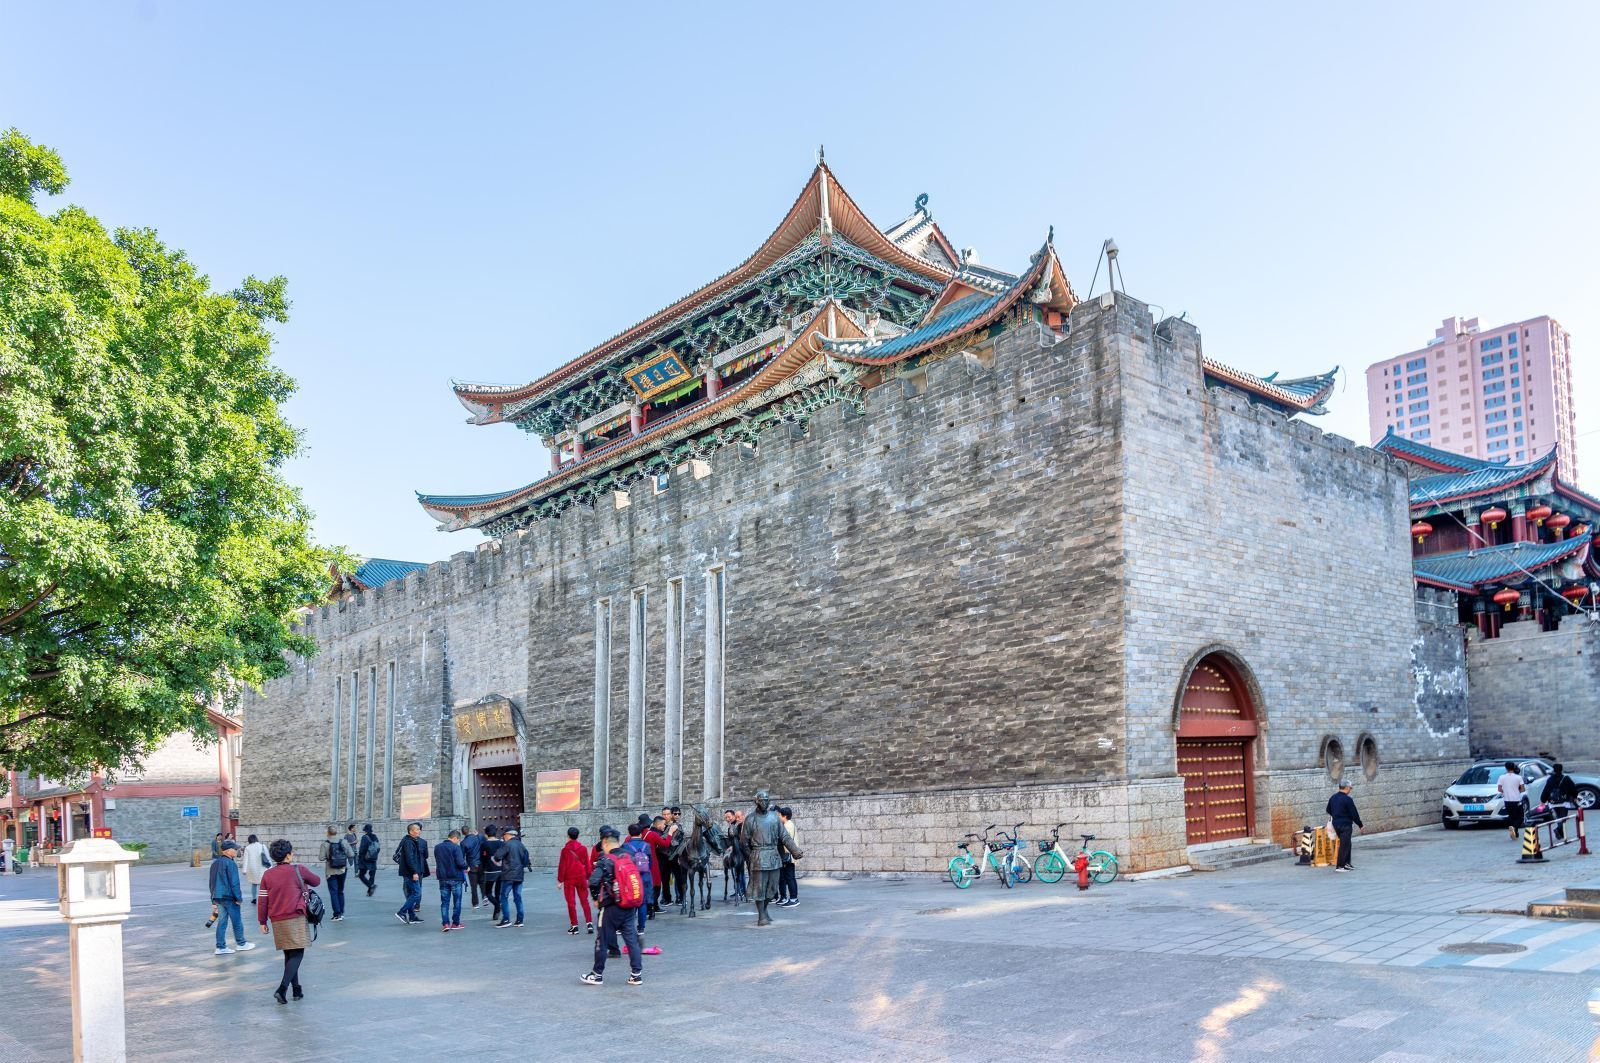 丽江旅游哪里好玩?12月丽江旅游景点介绍